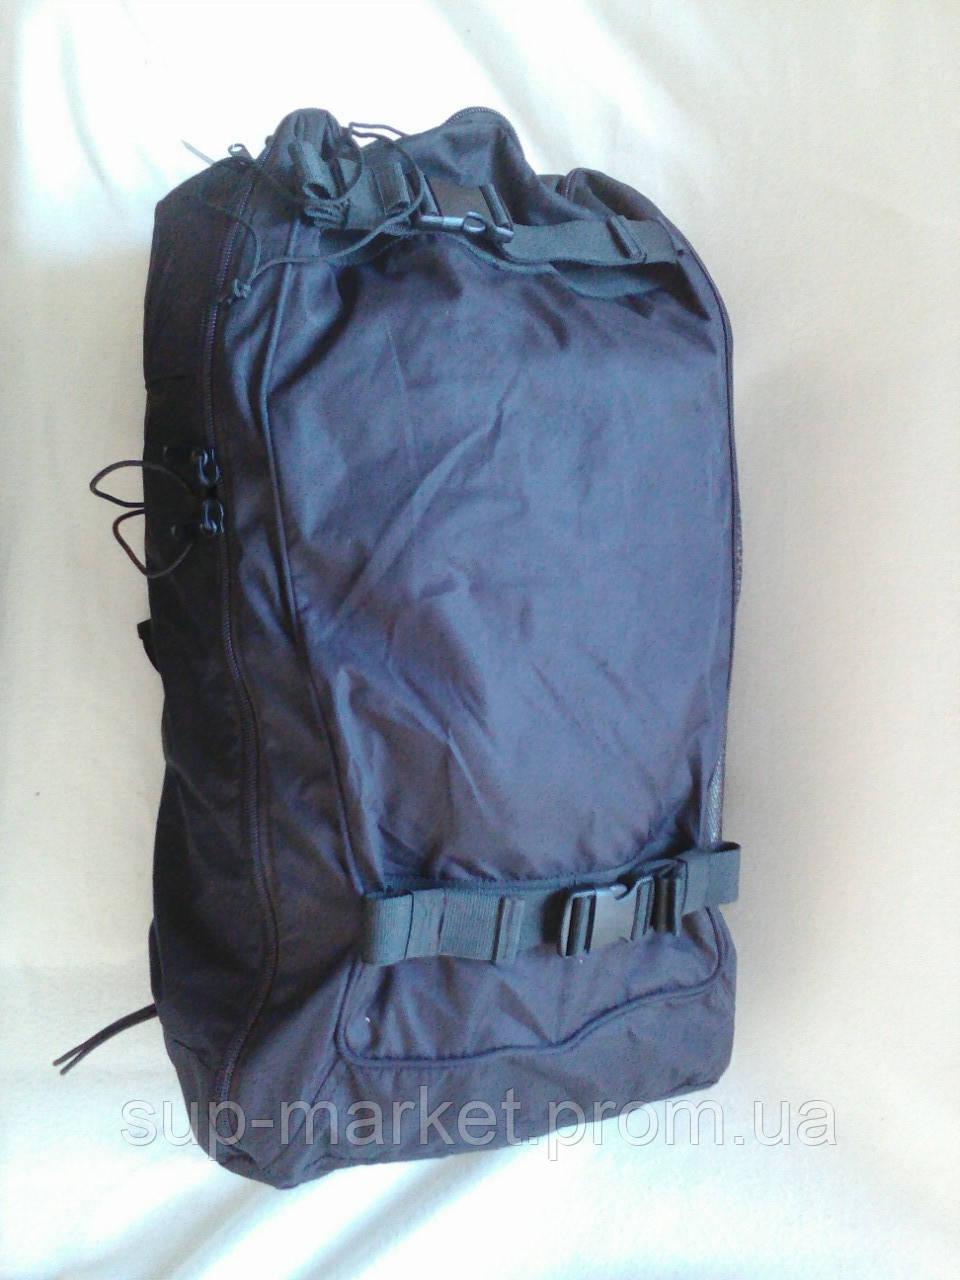 Рюкзак для кайта, black